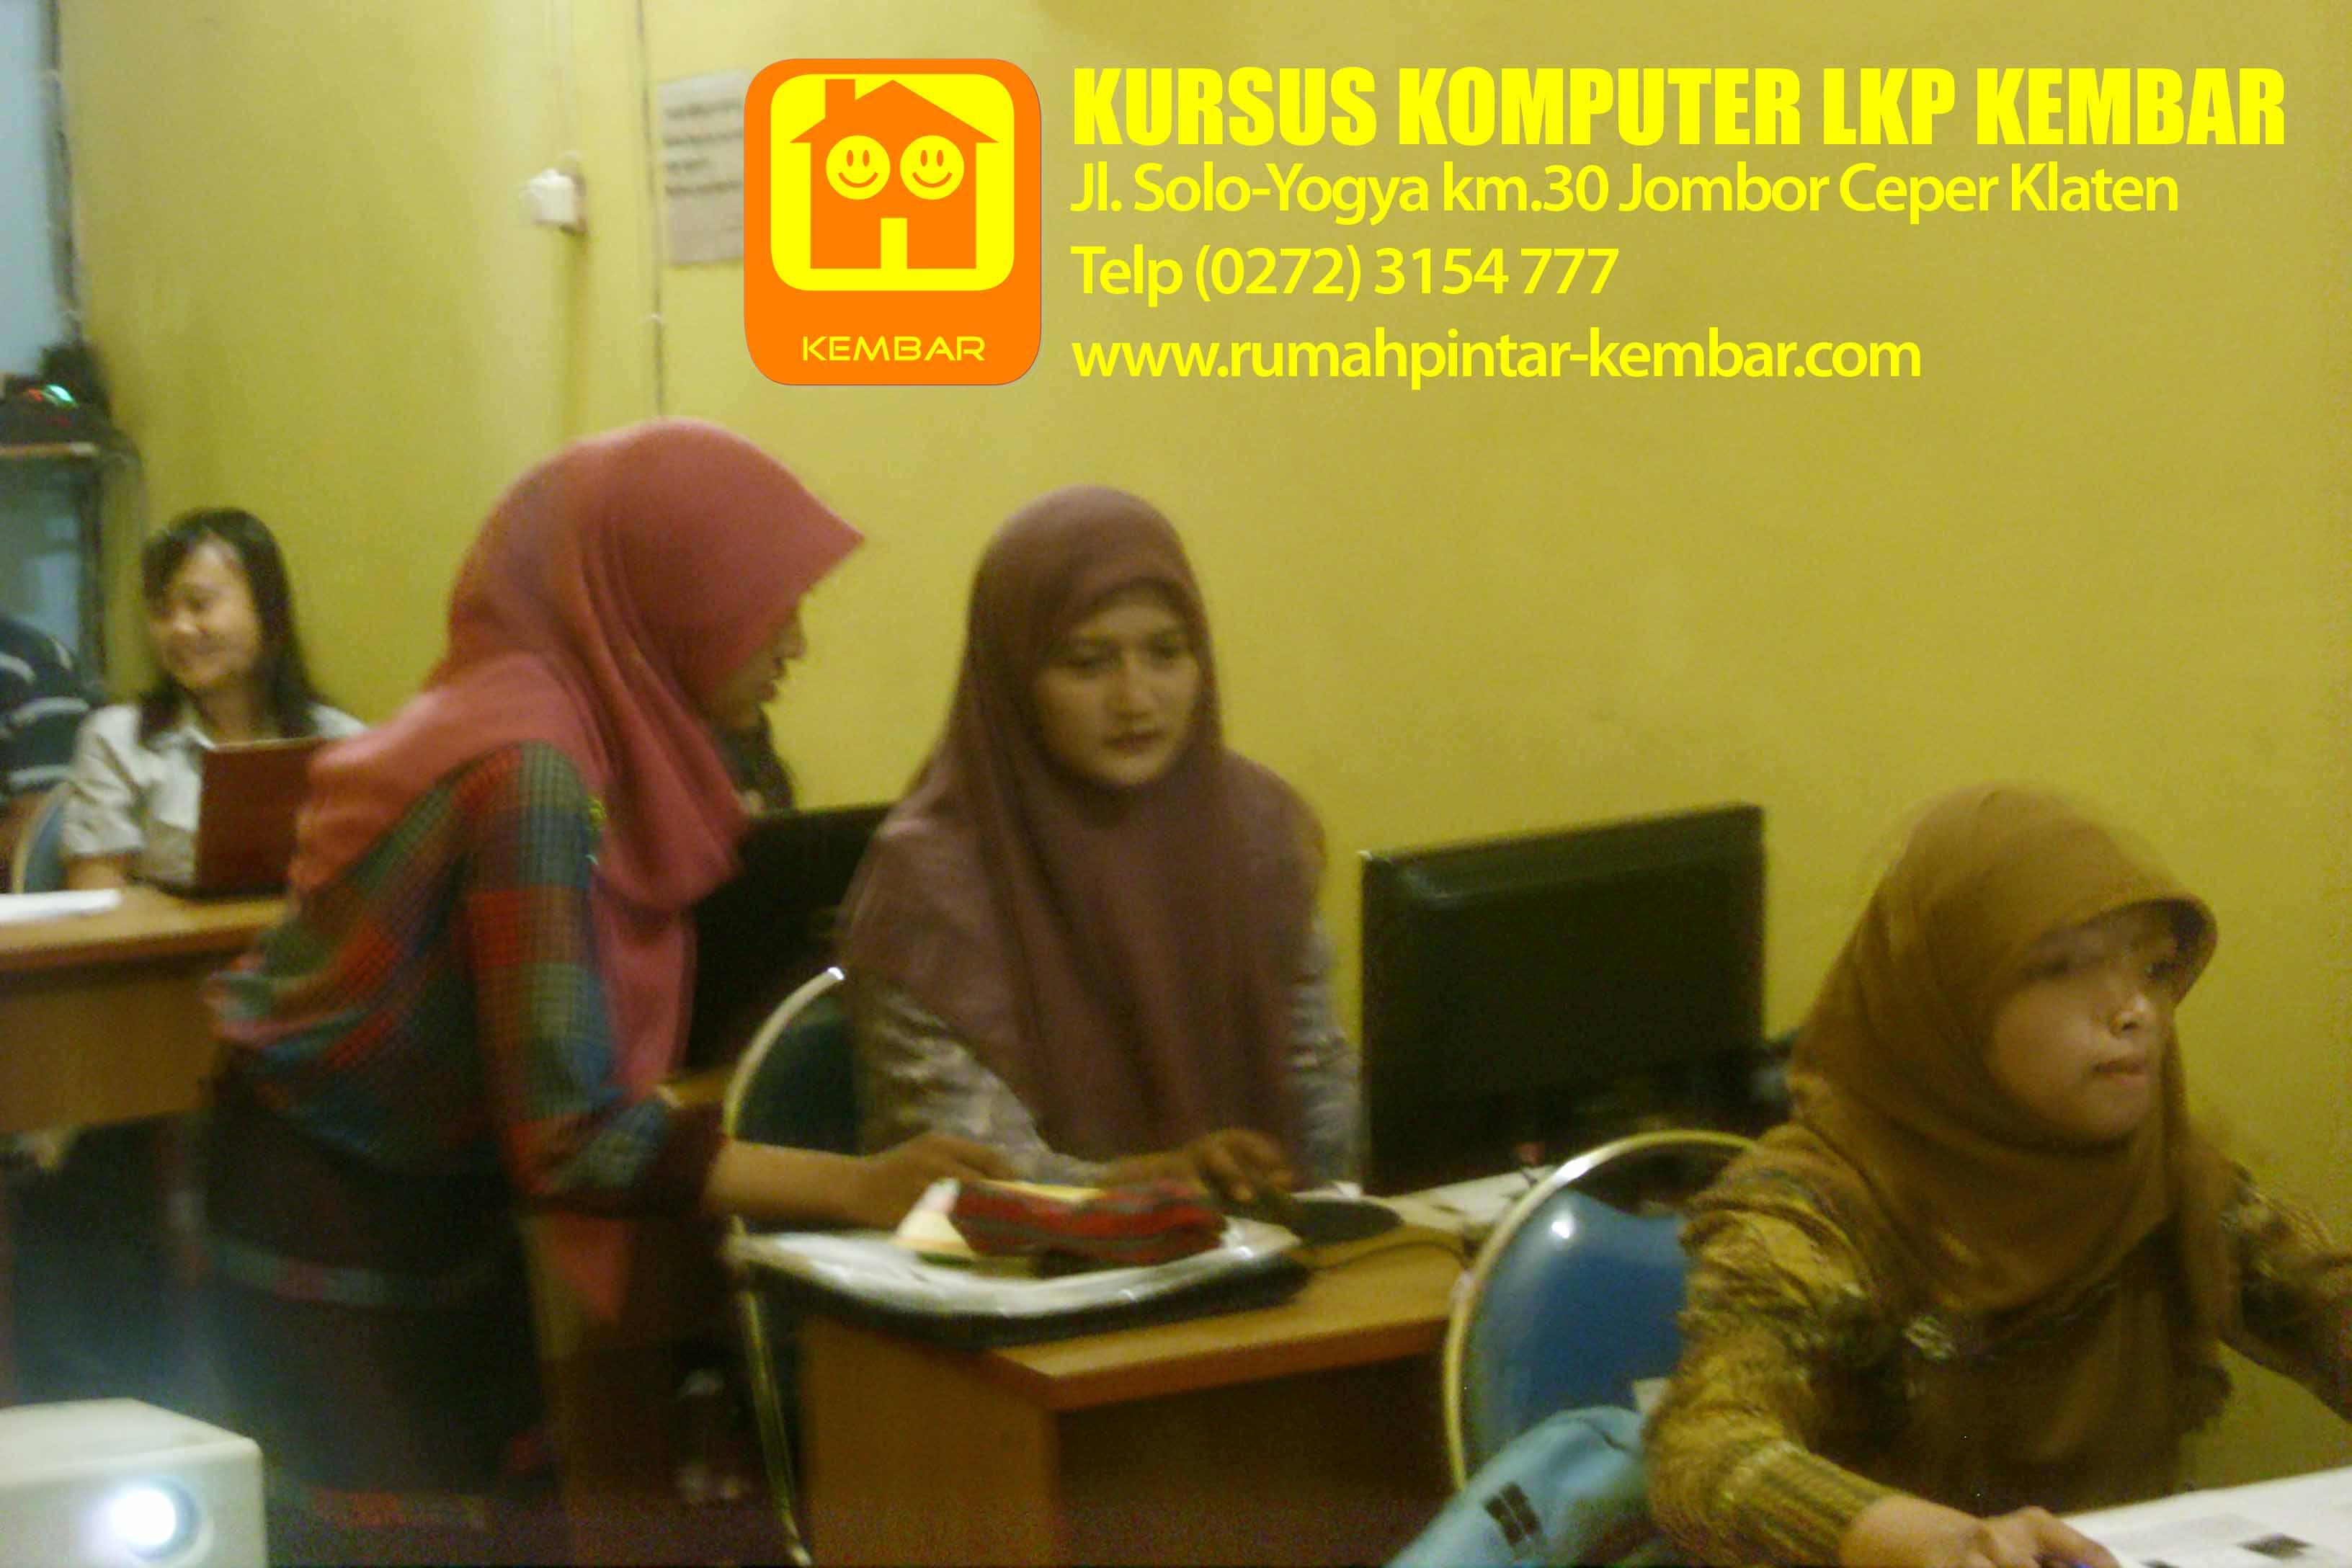 Lowongan Pemda Bekasi 2013 Lowongan Pramugara Garuda Indonesia Agustus 2016 Terbaru Kursus Komputer Akuntansi Di Jakarta Selatan